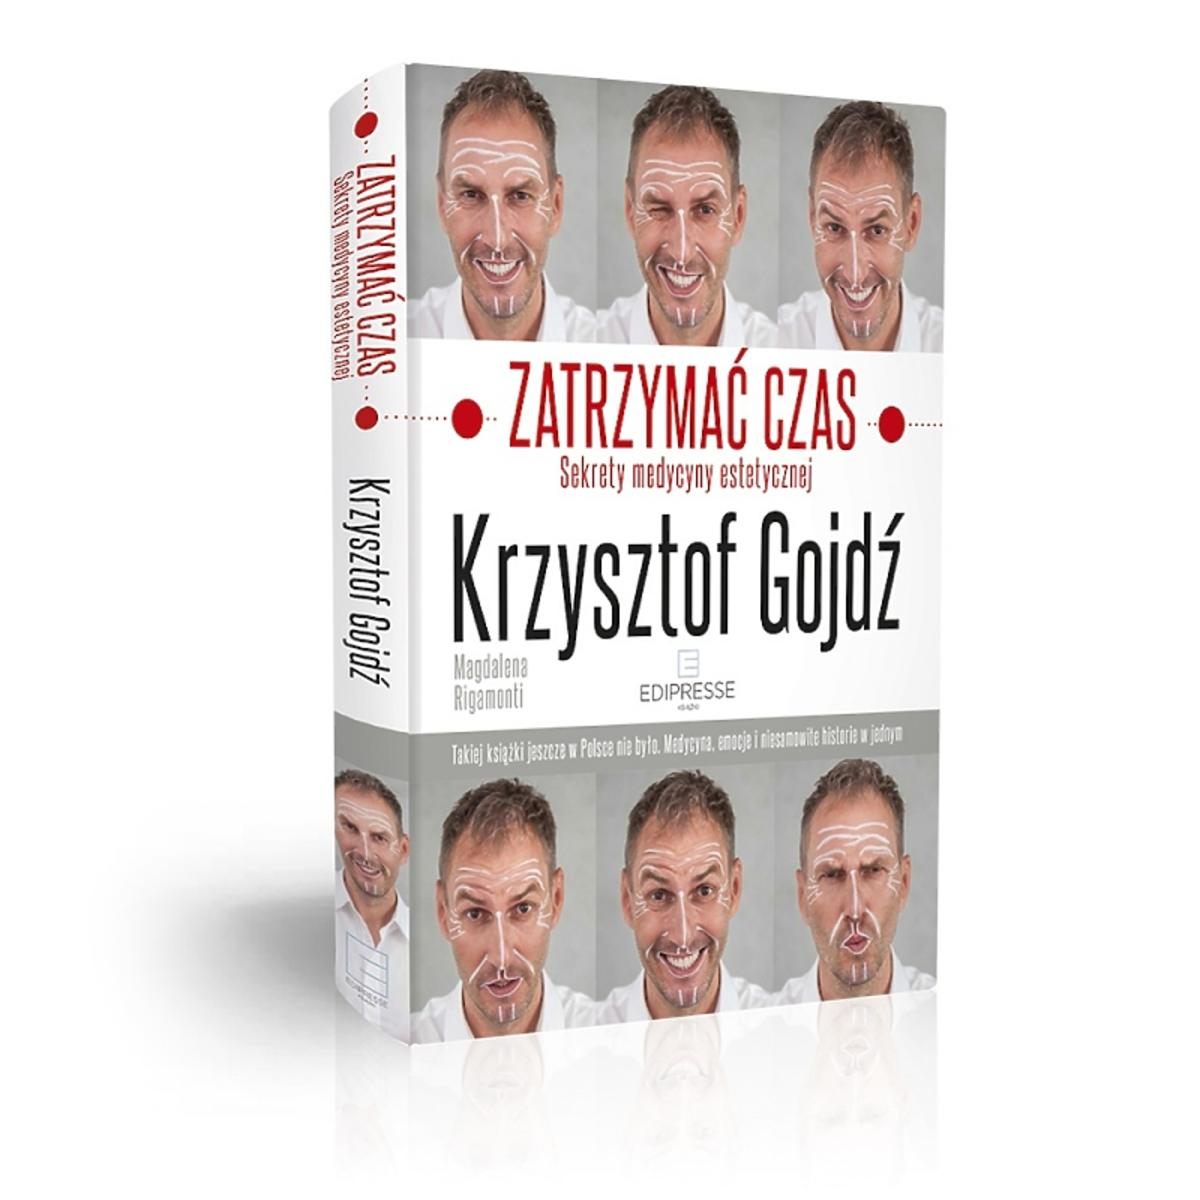 Okładka książki dr Krzysztofa Gojdzia: Zatrzymać czas